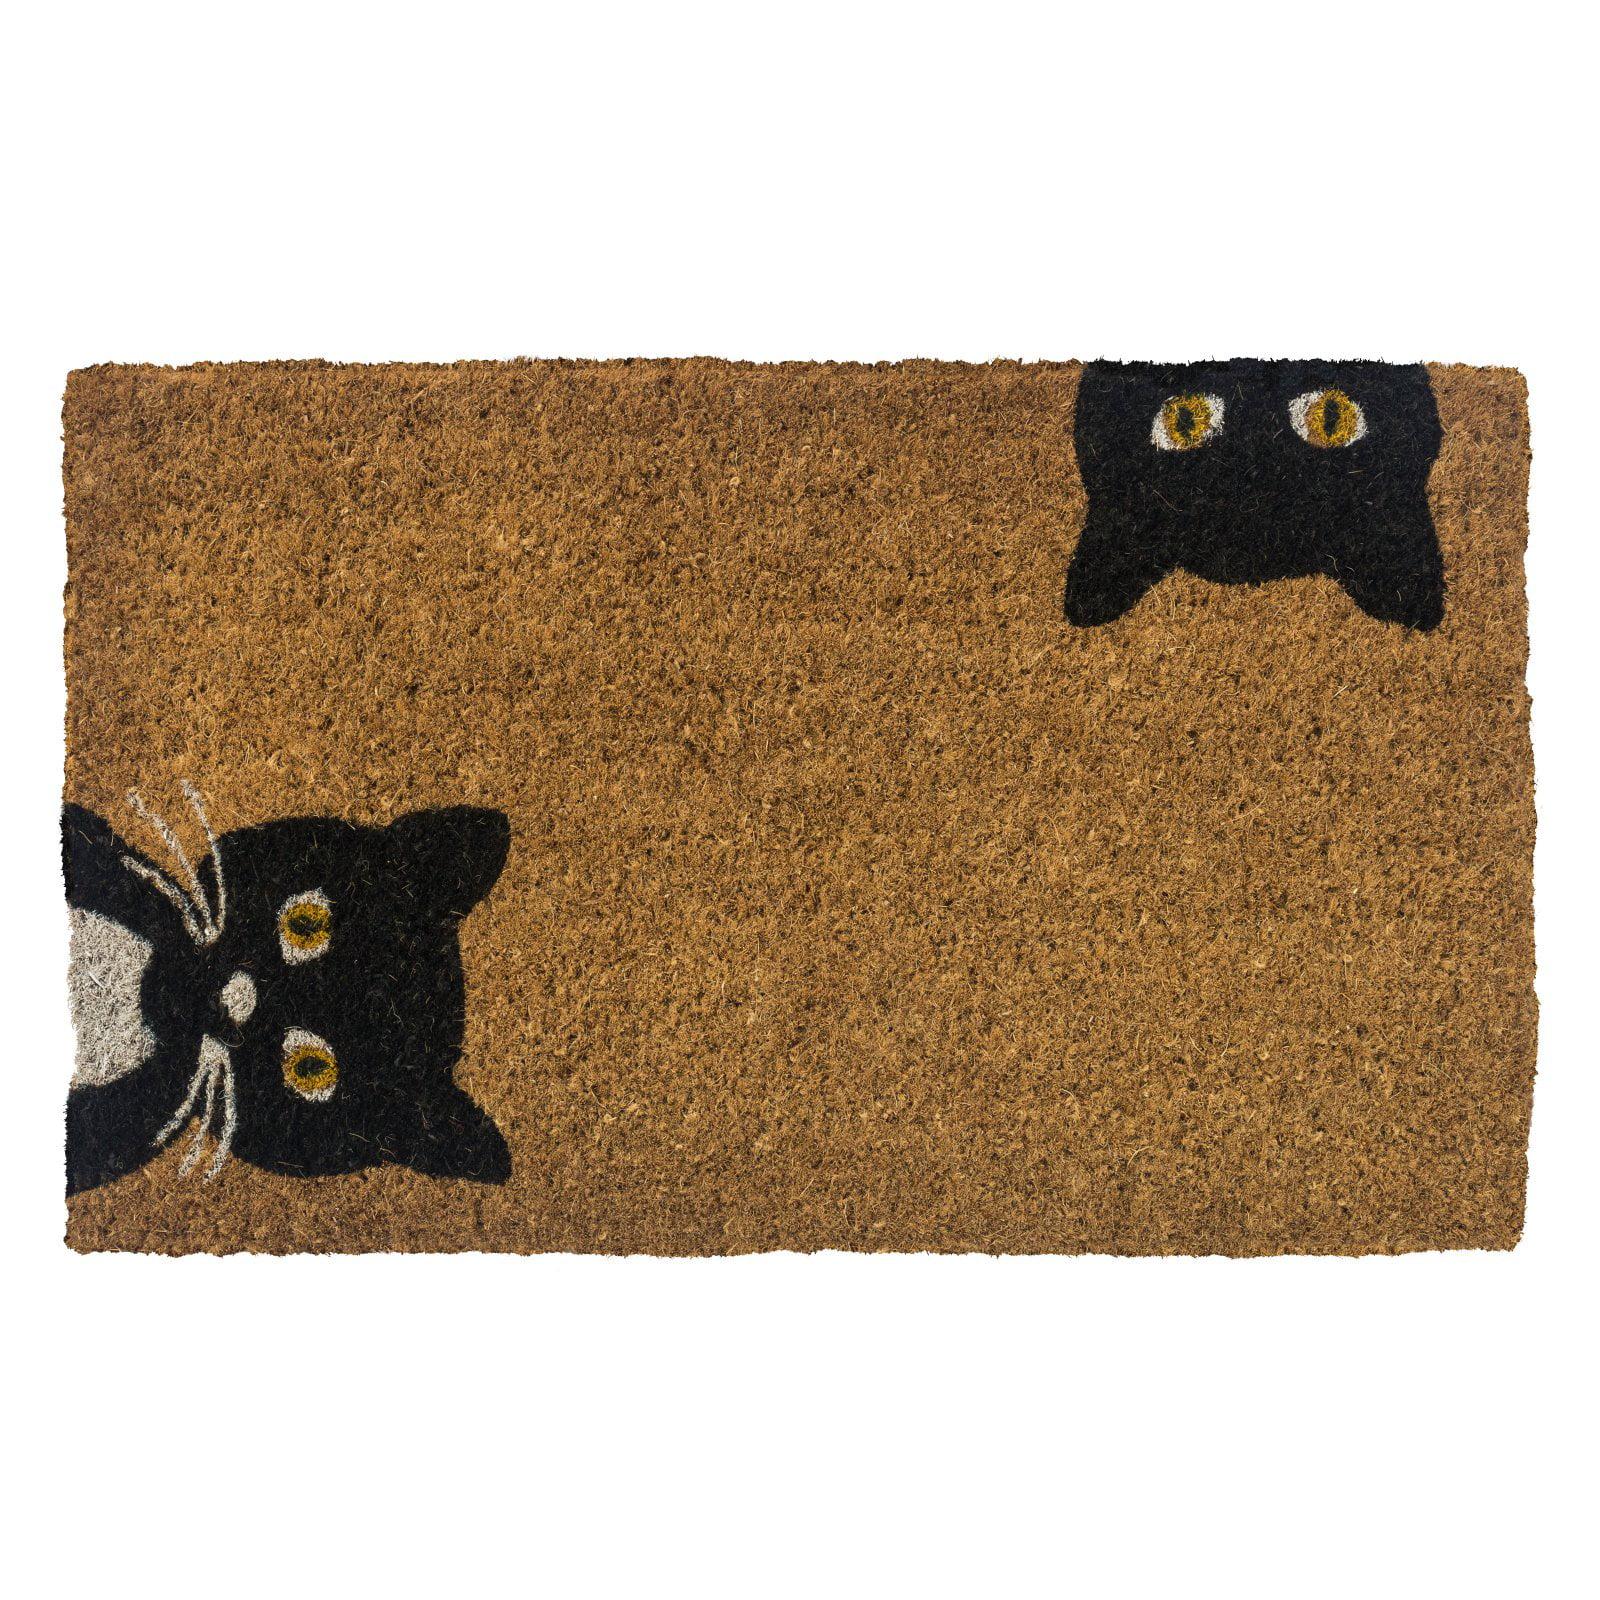 Entryways Peeping Cats Hand Woven Coconut Fiber Doormat